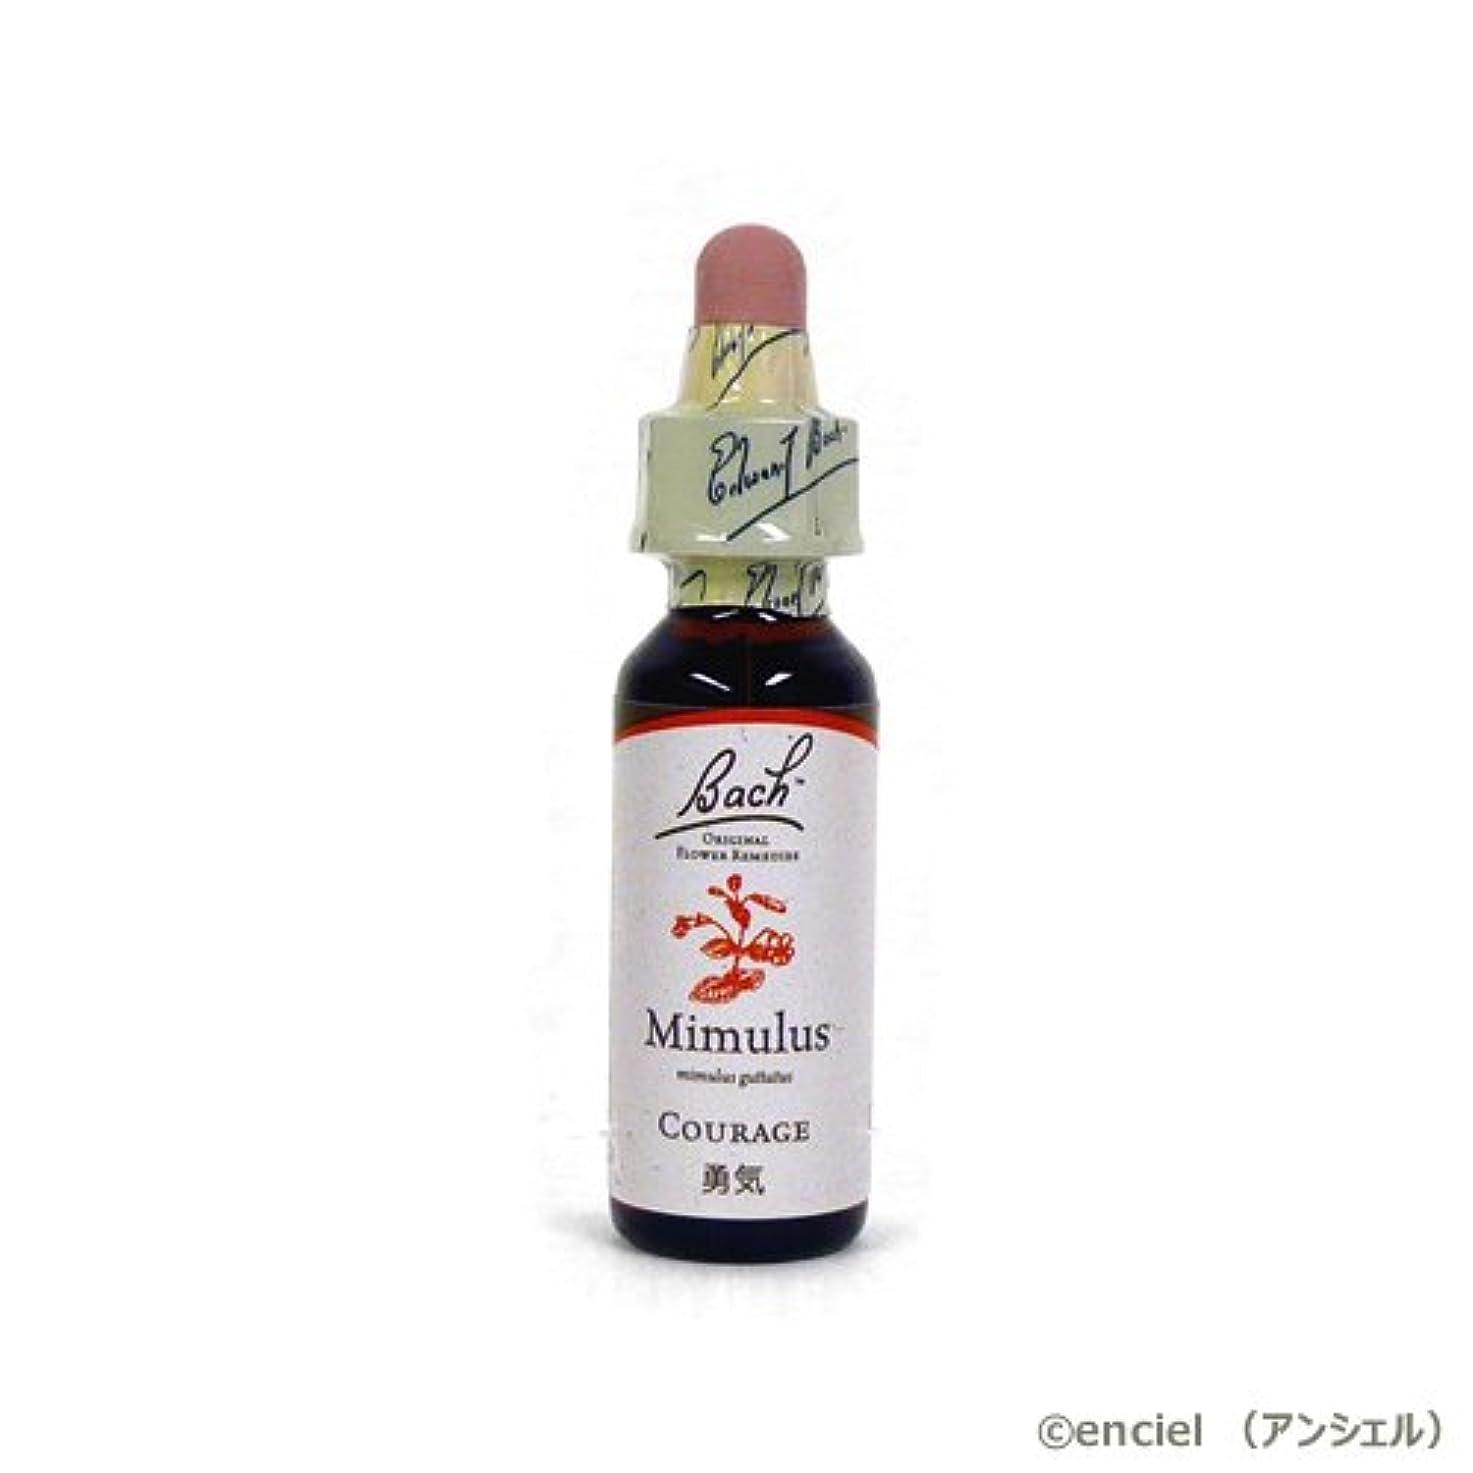 特徴賞賛する大胆バッチフラワー レメディ ミムラス 10ml グリセリンタイプ 日本国内正規品